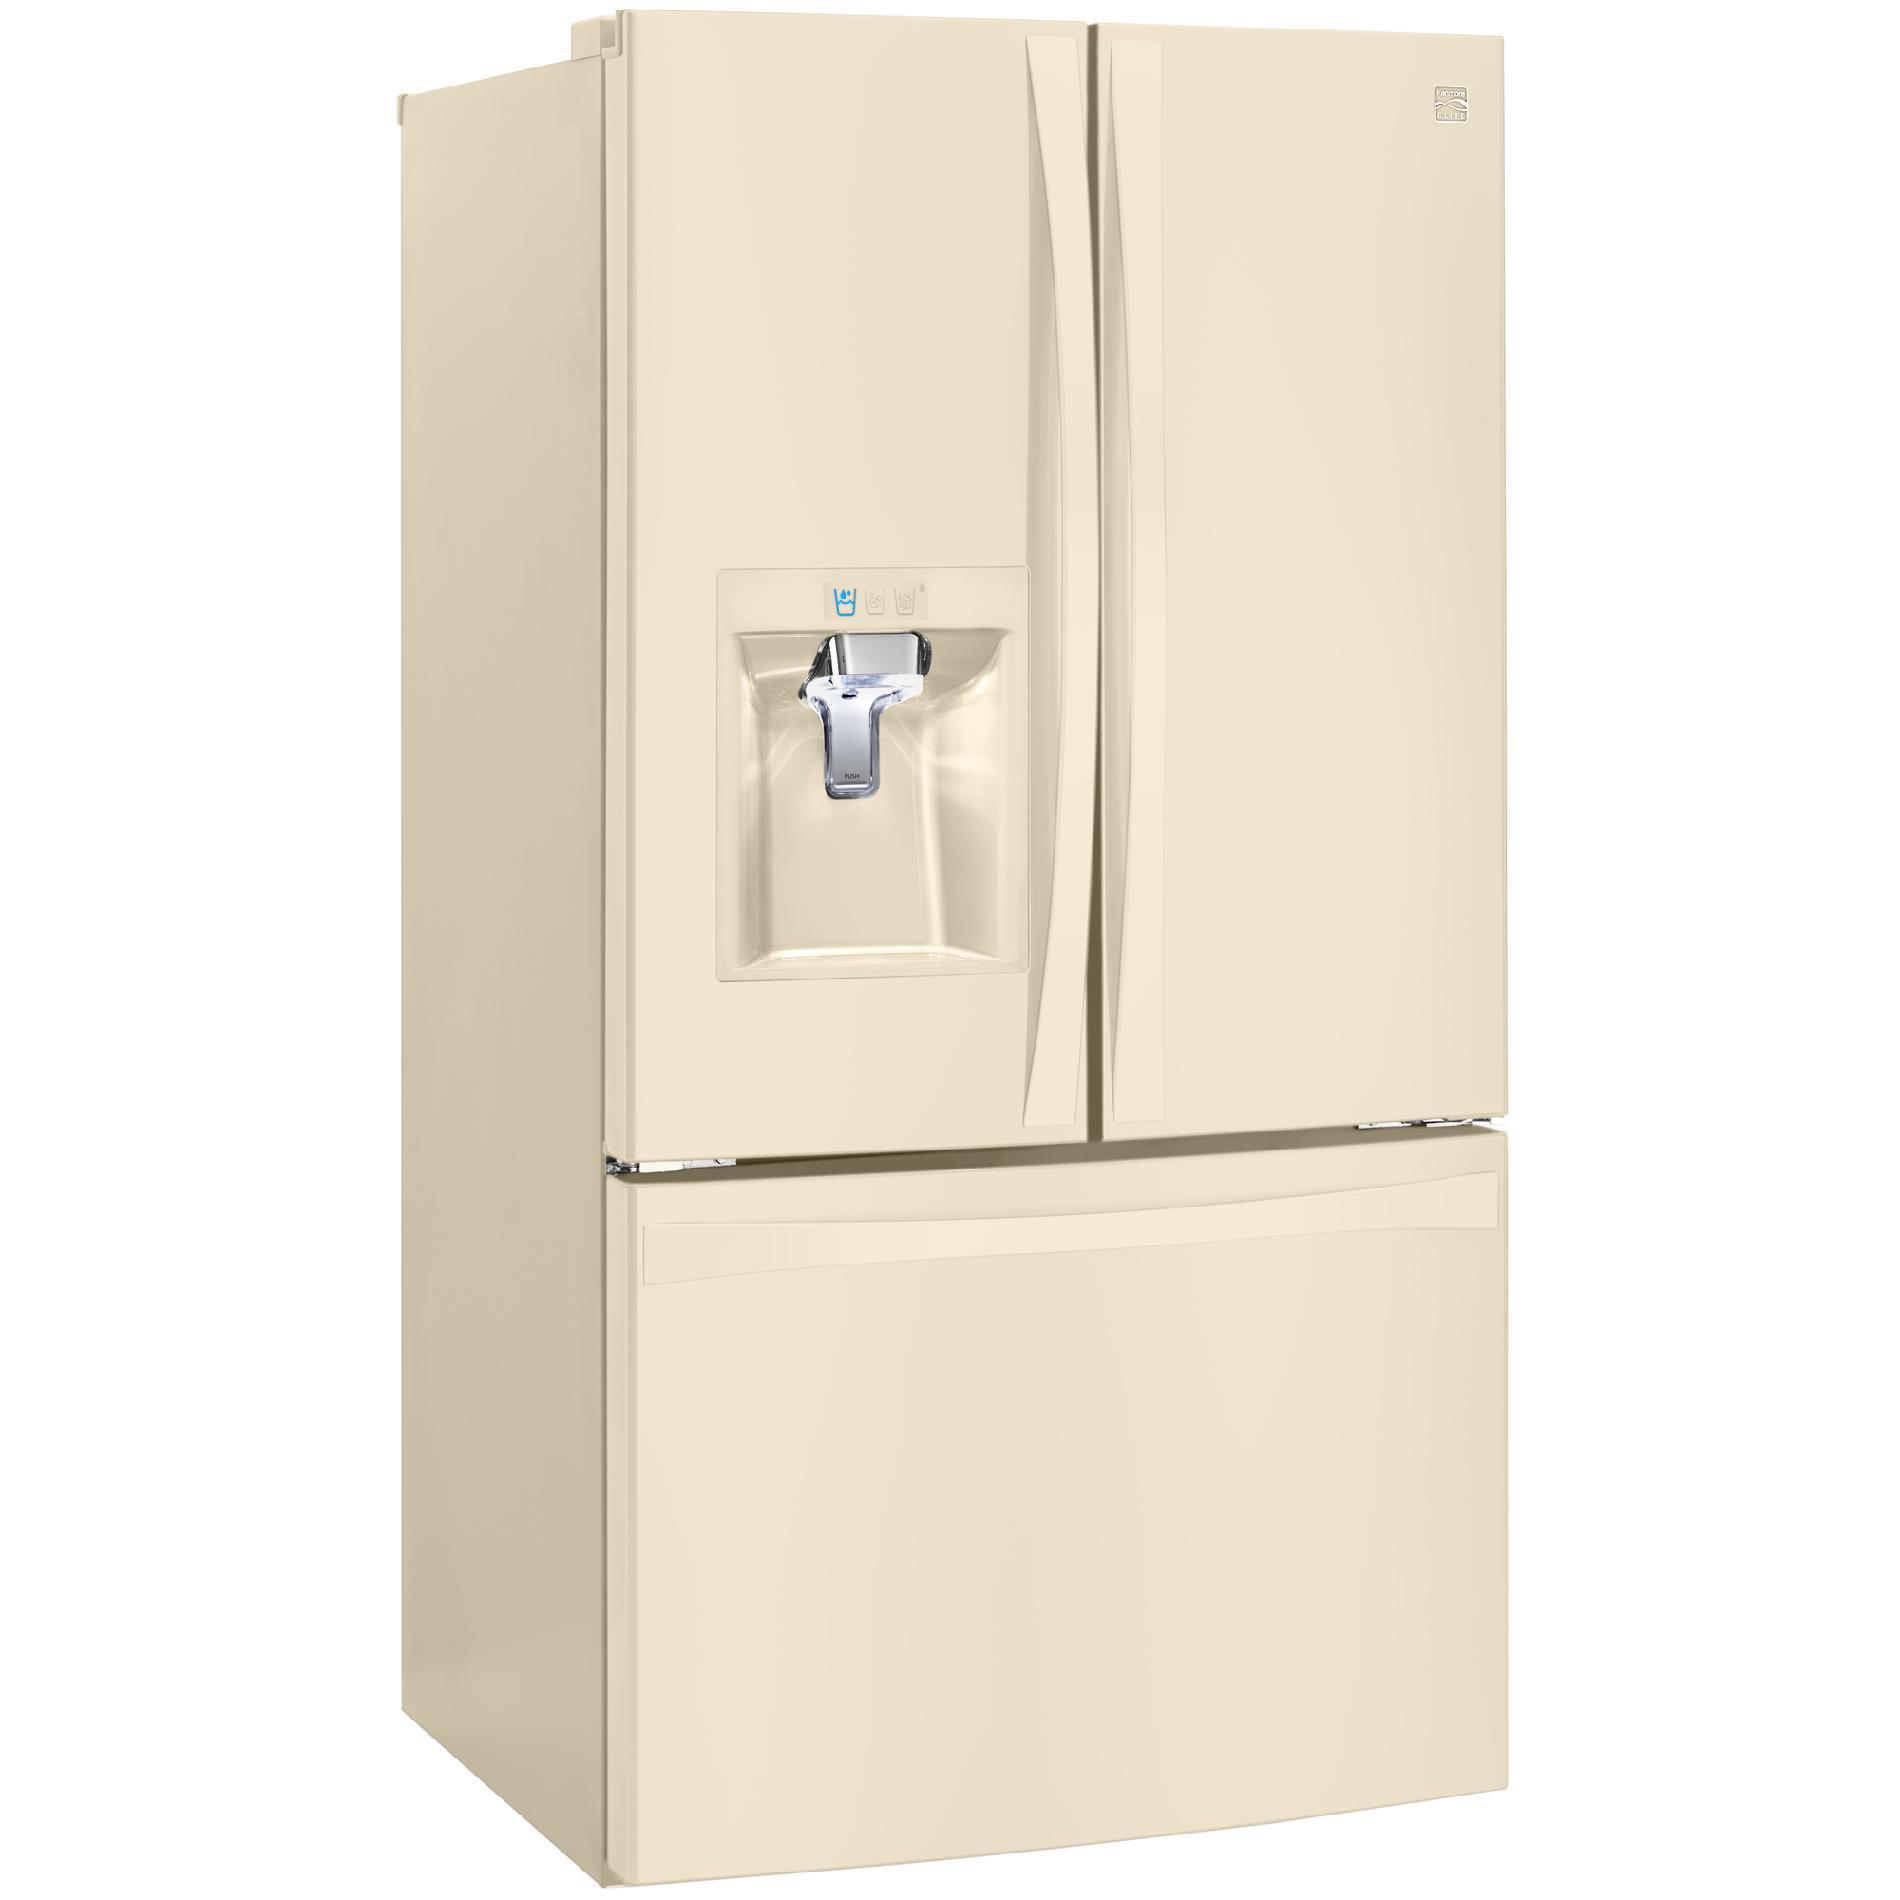 Kenmore Elite 74024 29.8 cu.ft. French Door Bottom-Freezer Refrigerator